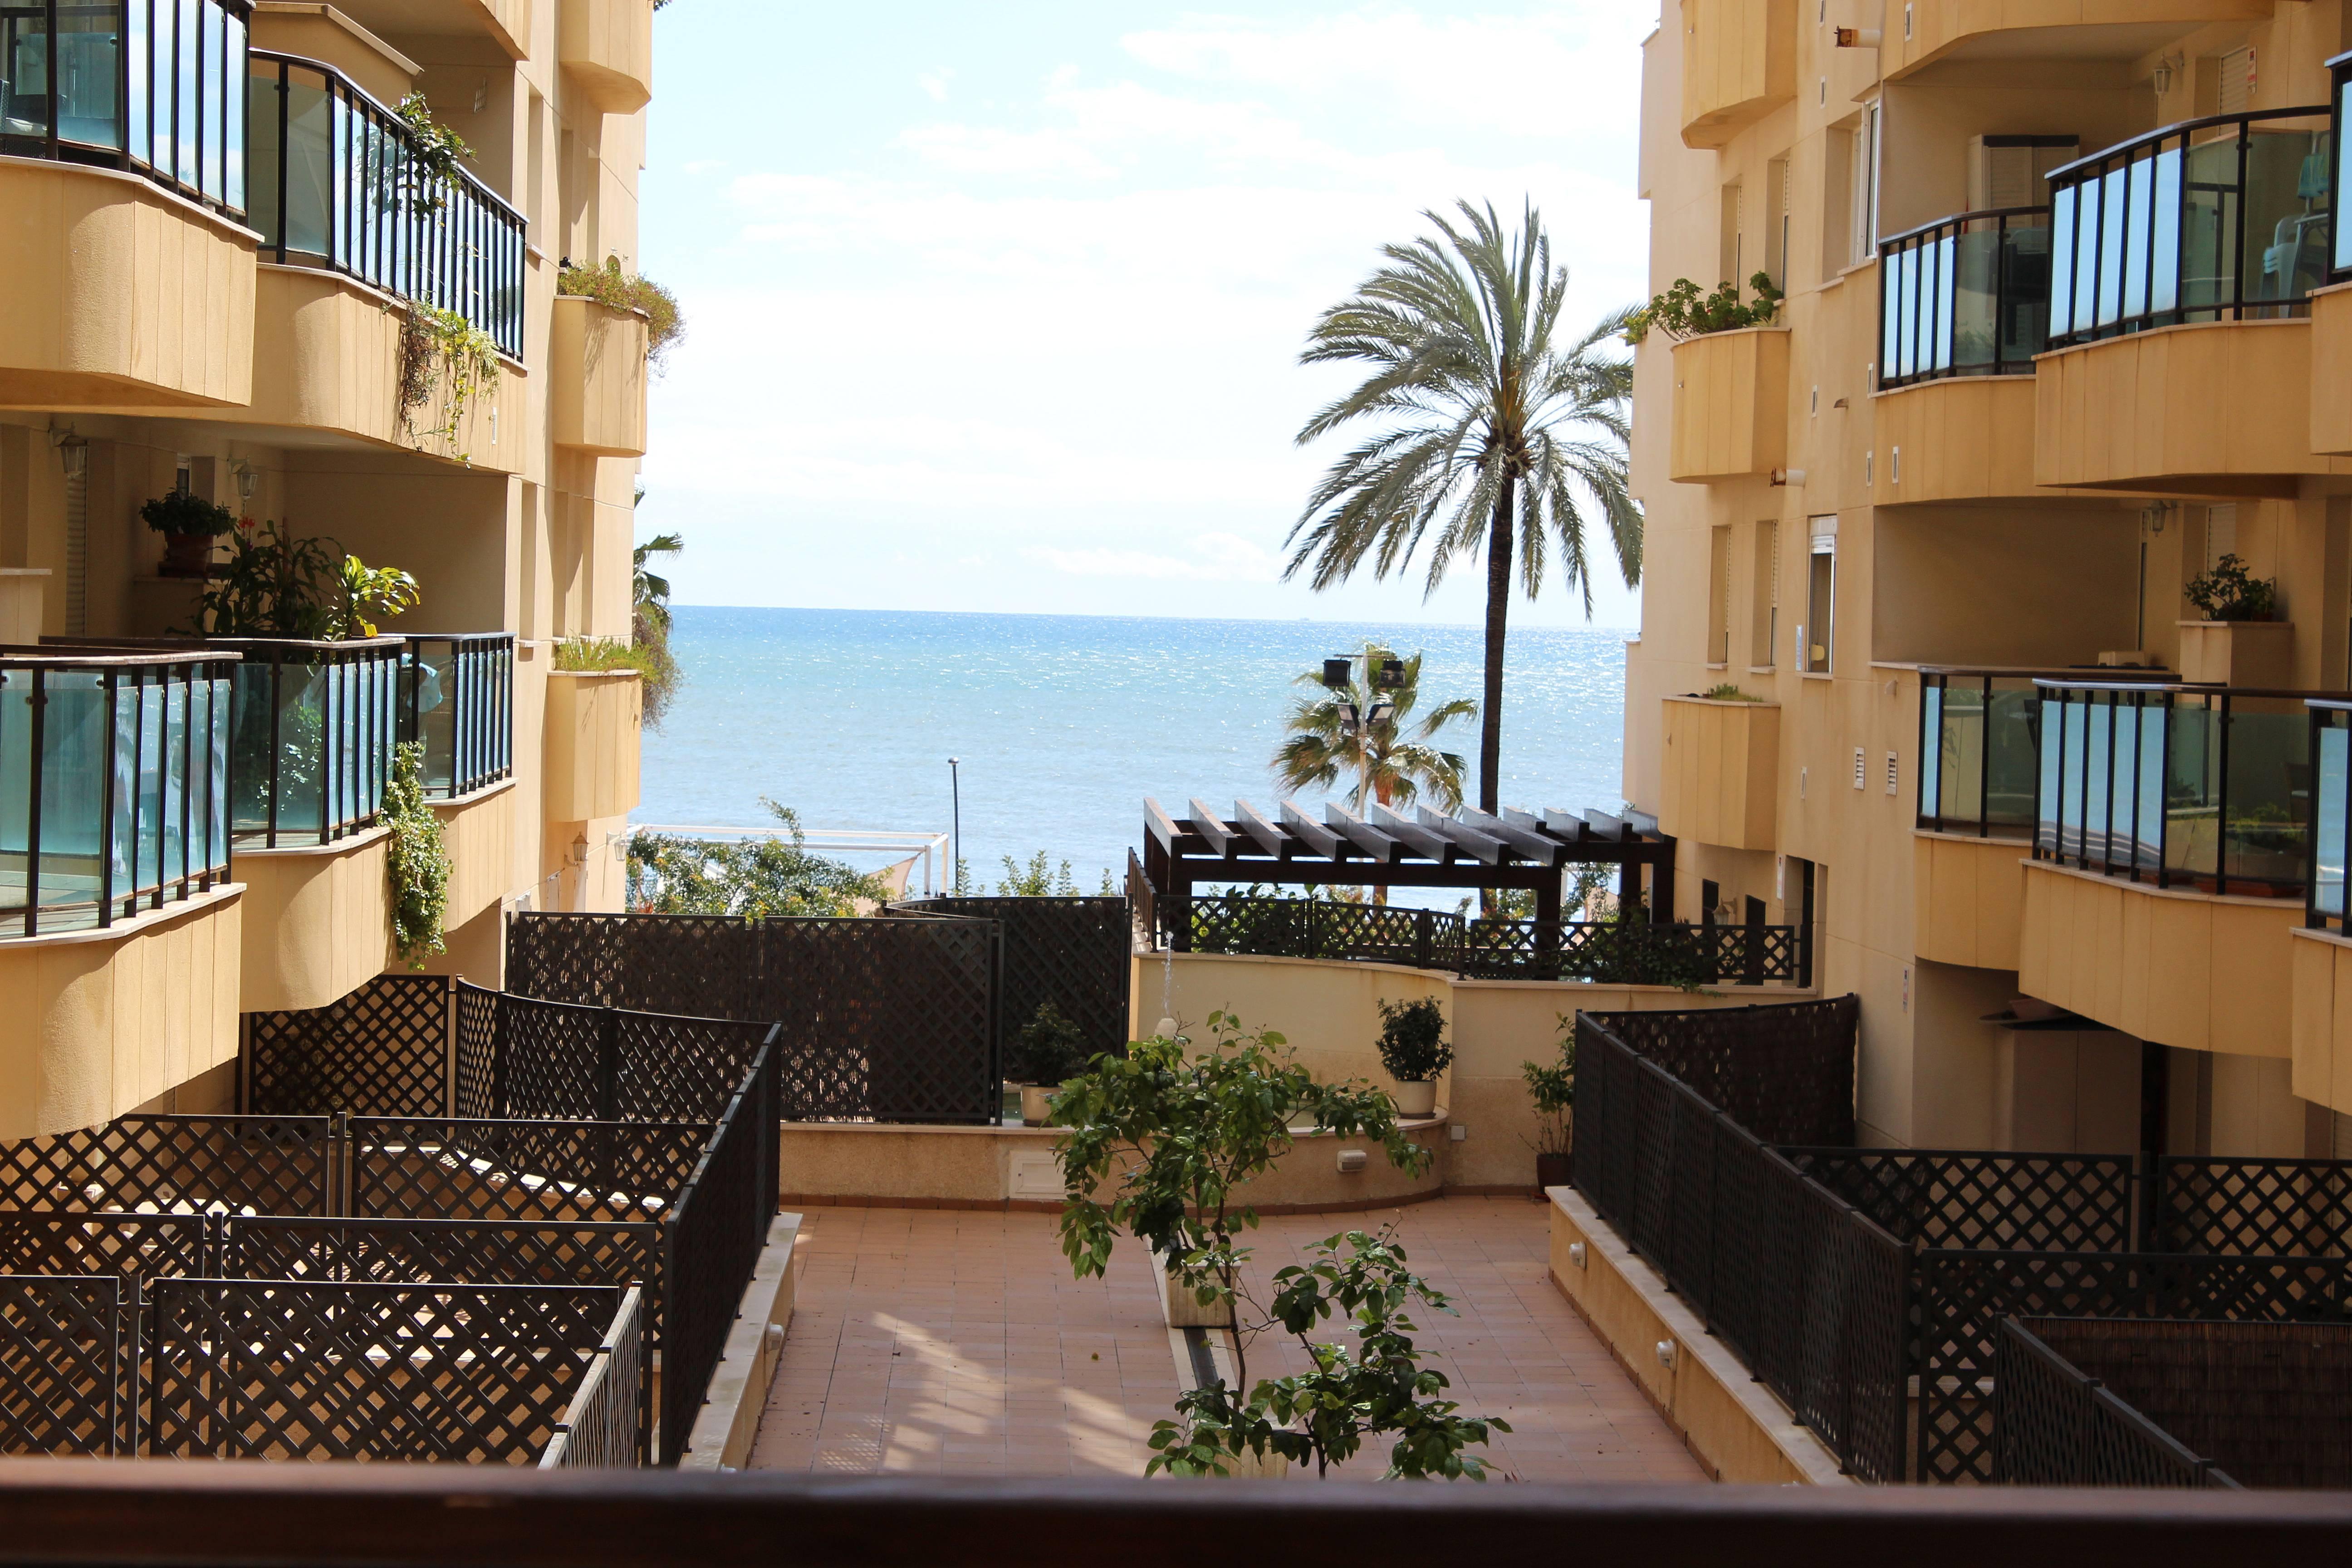 Apartamento en alquiler en 1a l nea de playa estepona m laga costa del sol - Alquiler apartamentos en estepona ...